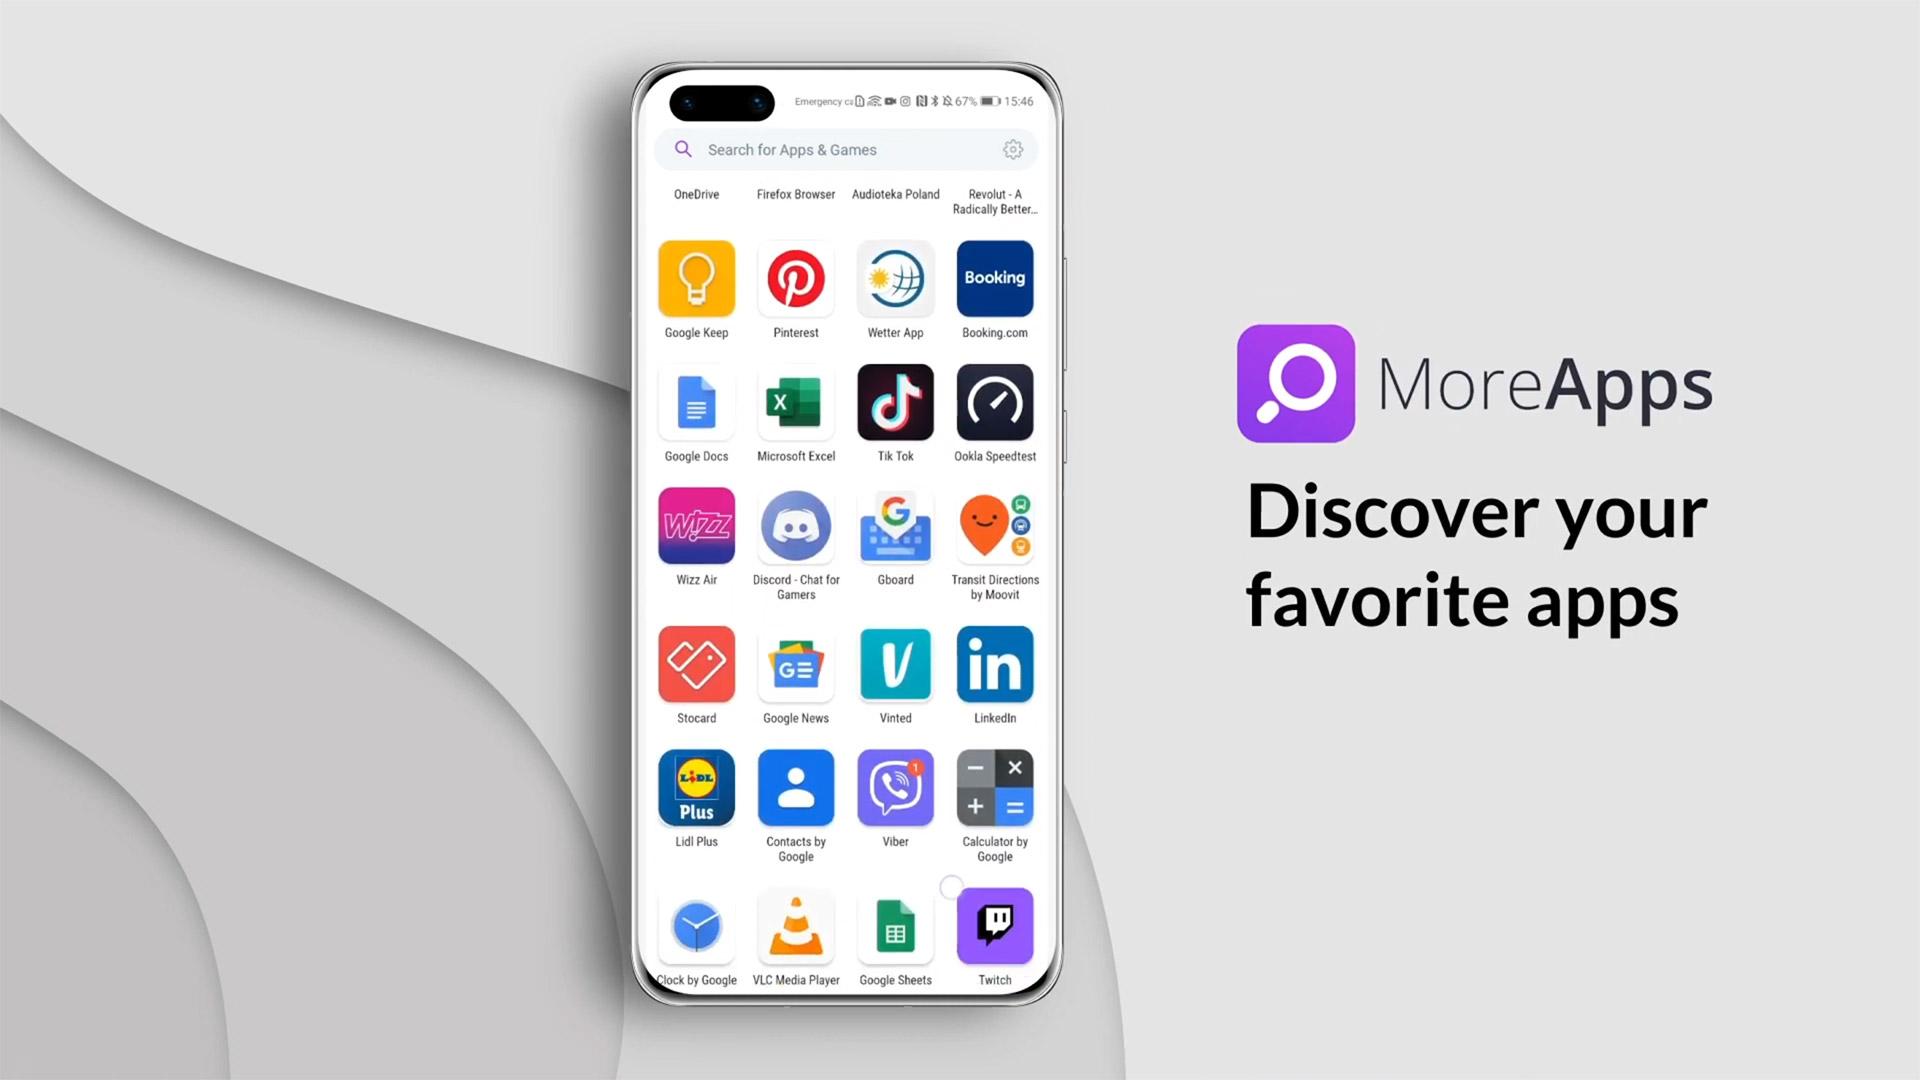 MoreApps-ek Huawei azken smartphoneetan falta diren aplikazioak konpontzen ditu